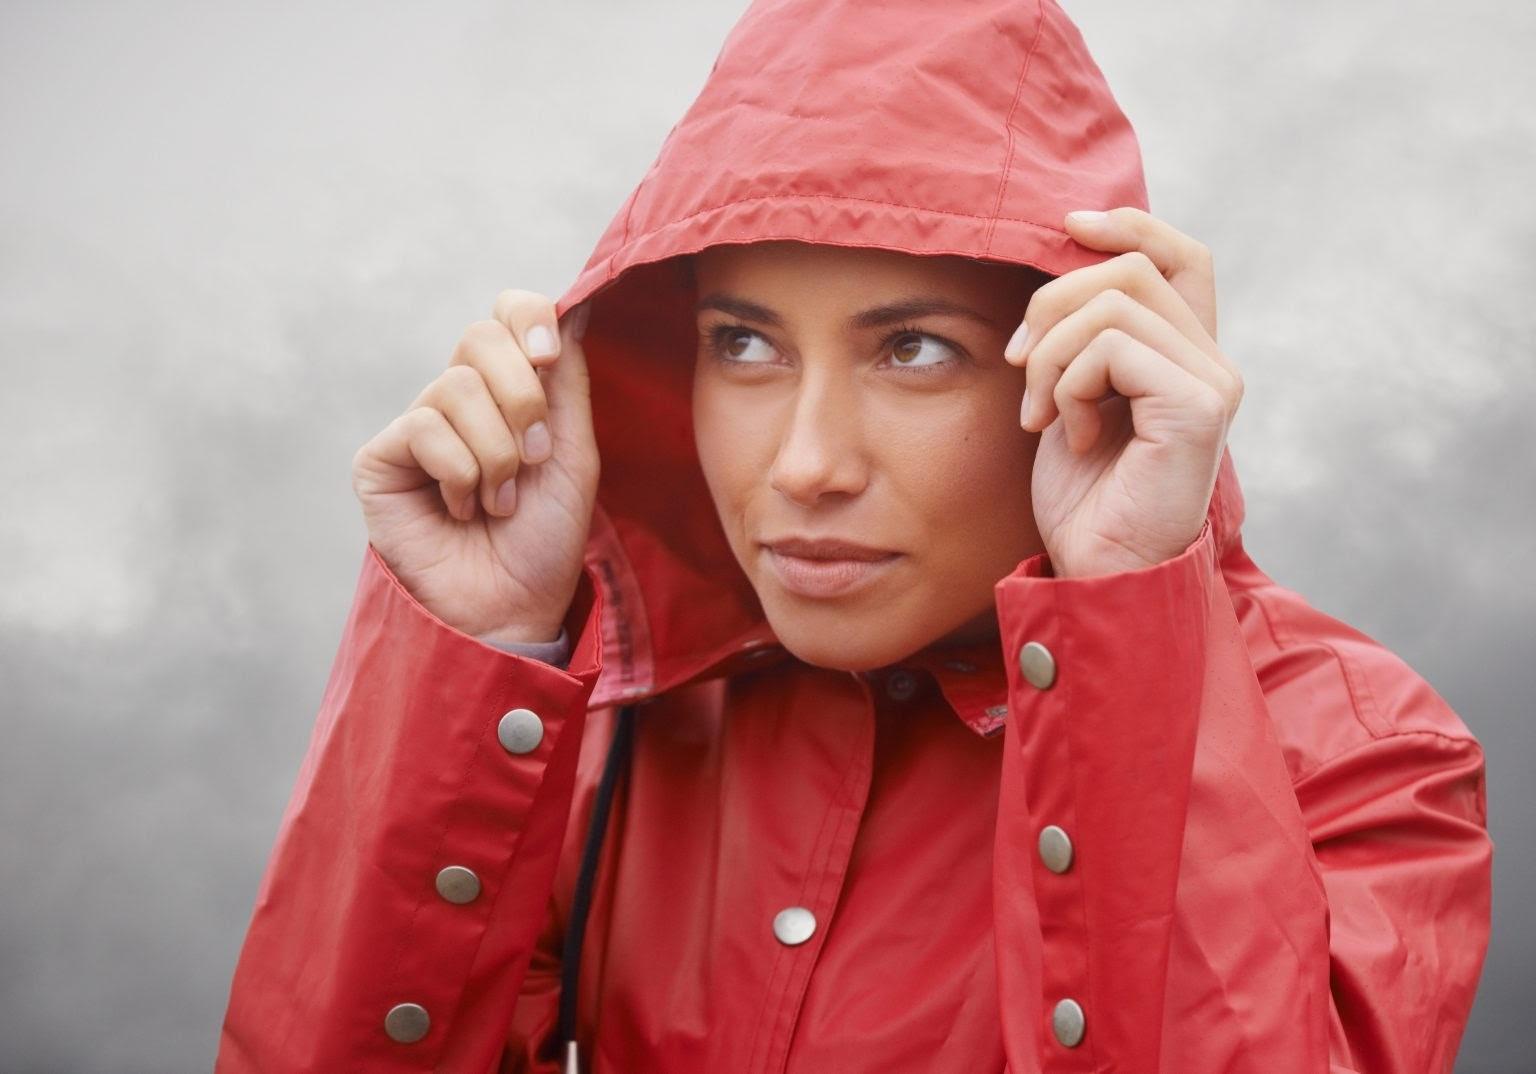 Women wearing a rain jacket